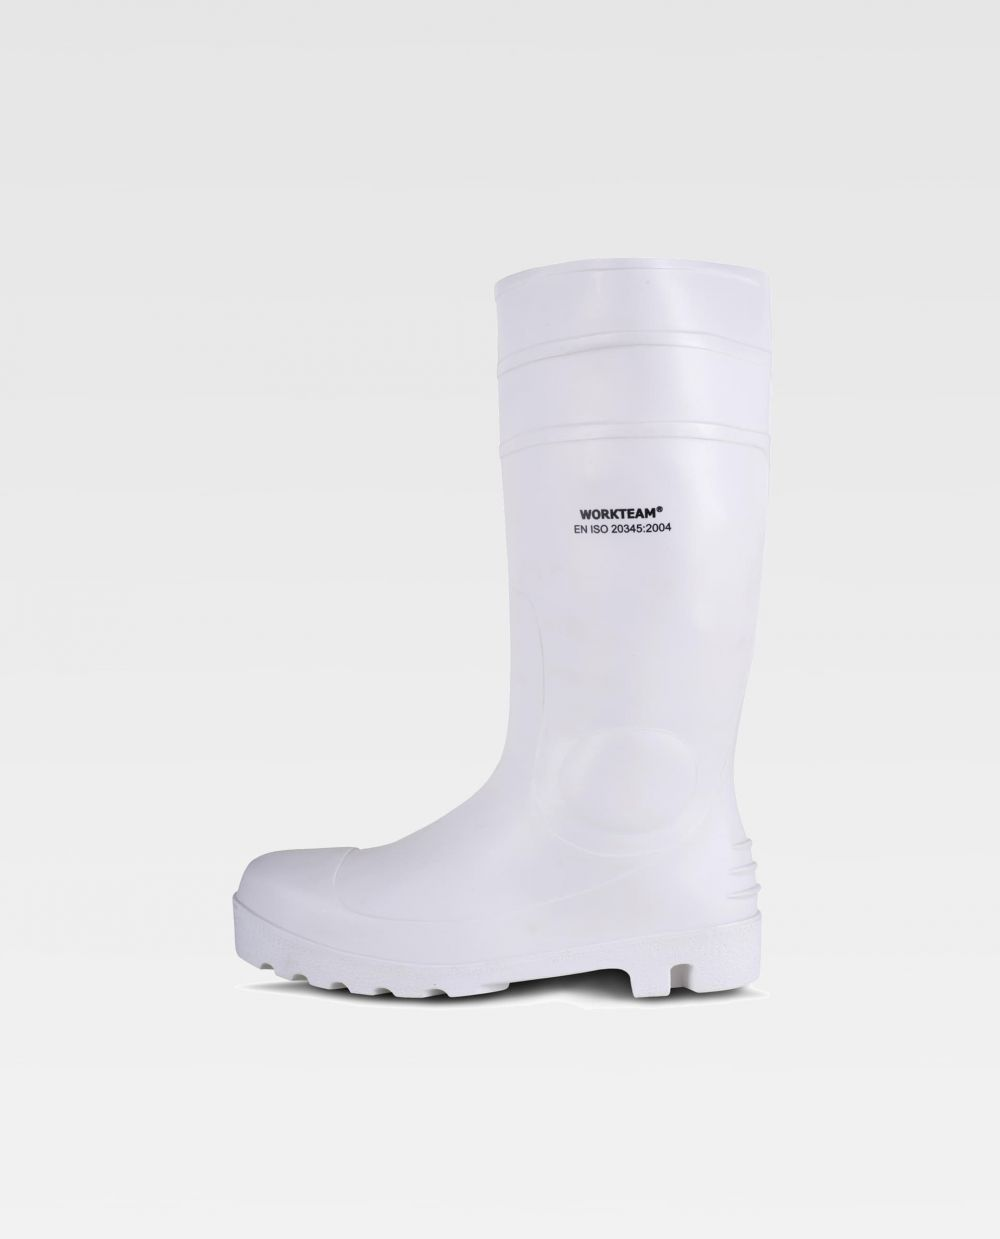 Zapatos de trabajo workteam bota p2401 de nitrilo pvc con impresión vista 1